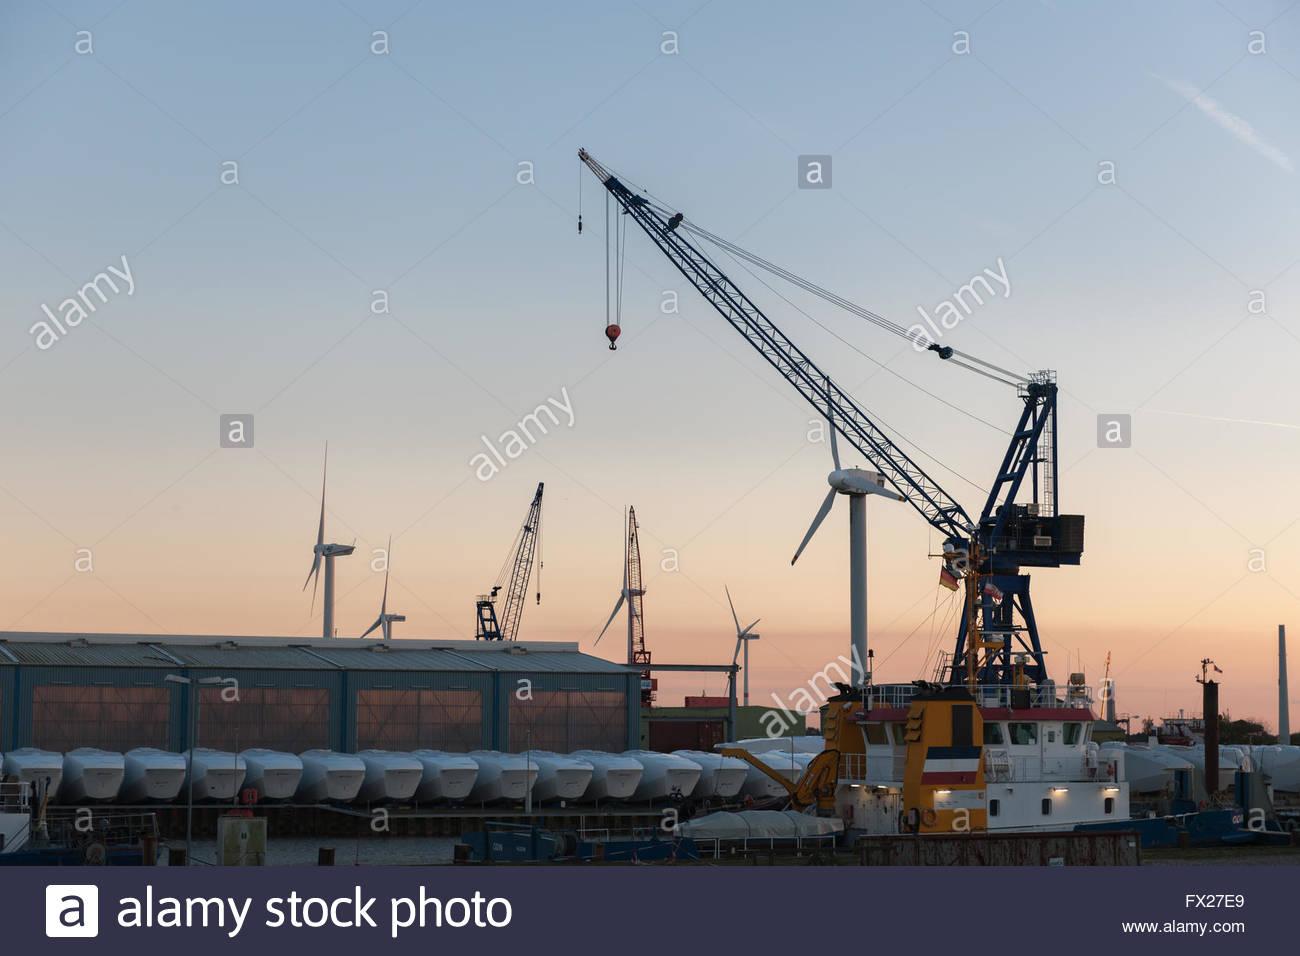 Les usines de production d'énergie éolienne, Husum, Nordfriesland, Schleswig-Holstein, Allemagne Photo Stock